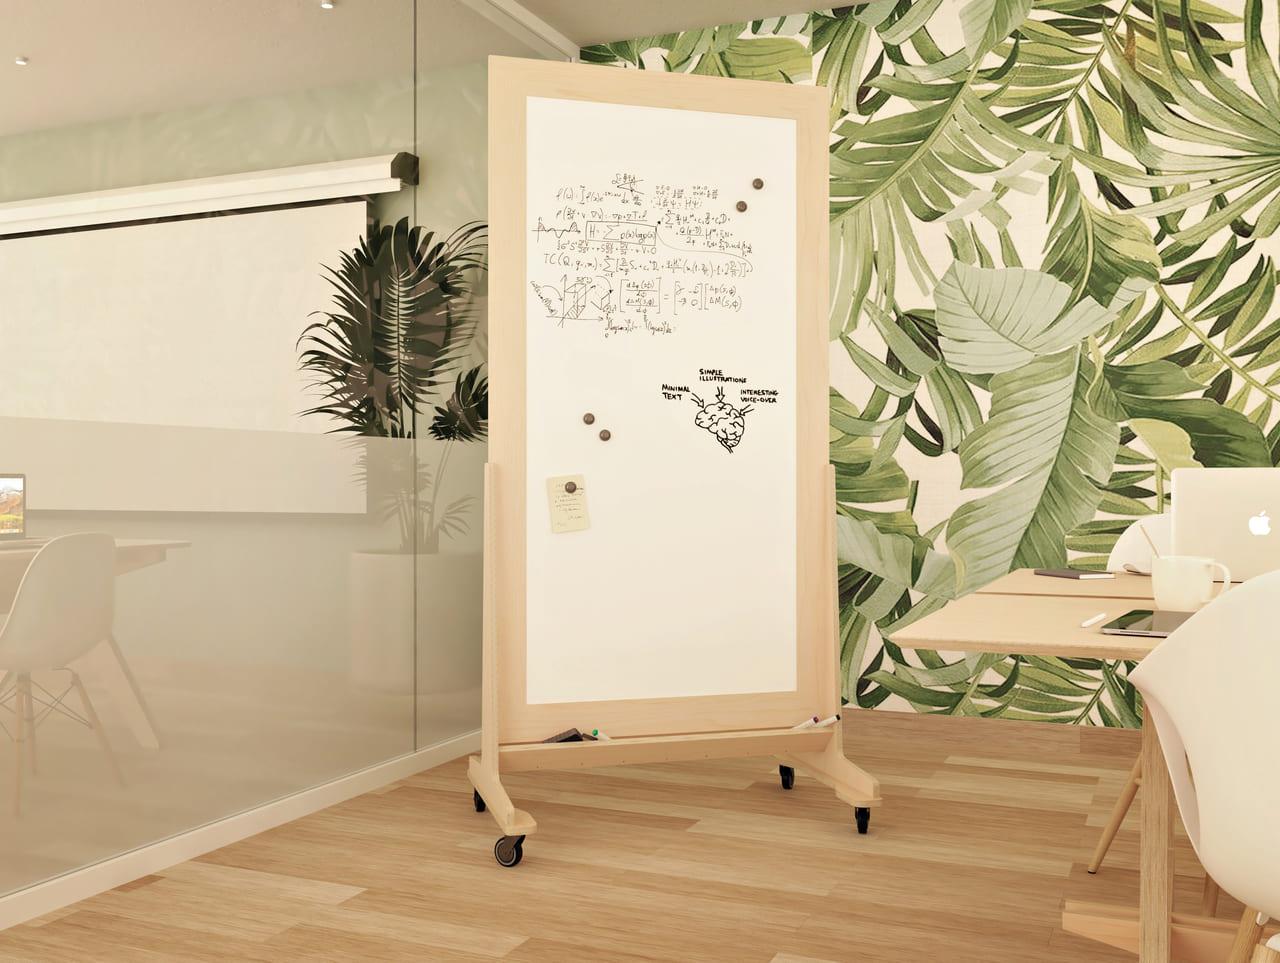 Tableau blanc velleda avec cadre en bois et roulettes dans salle au style scandinave avec plantes et bois de bouleau, pour brainstorming ou réunions opérationnelles